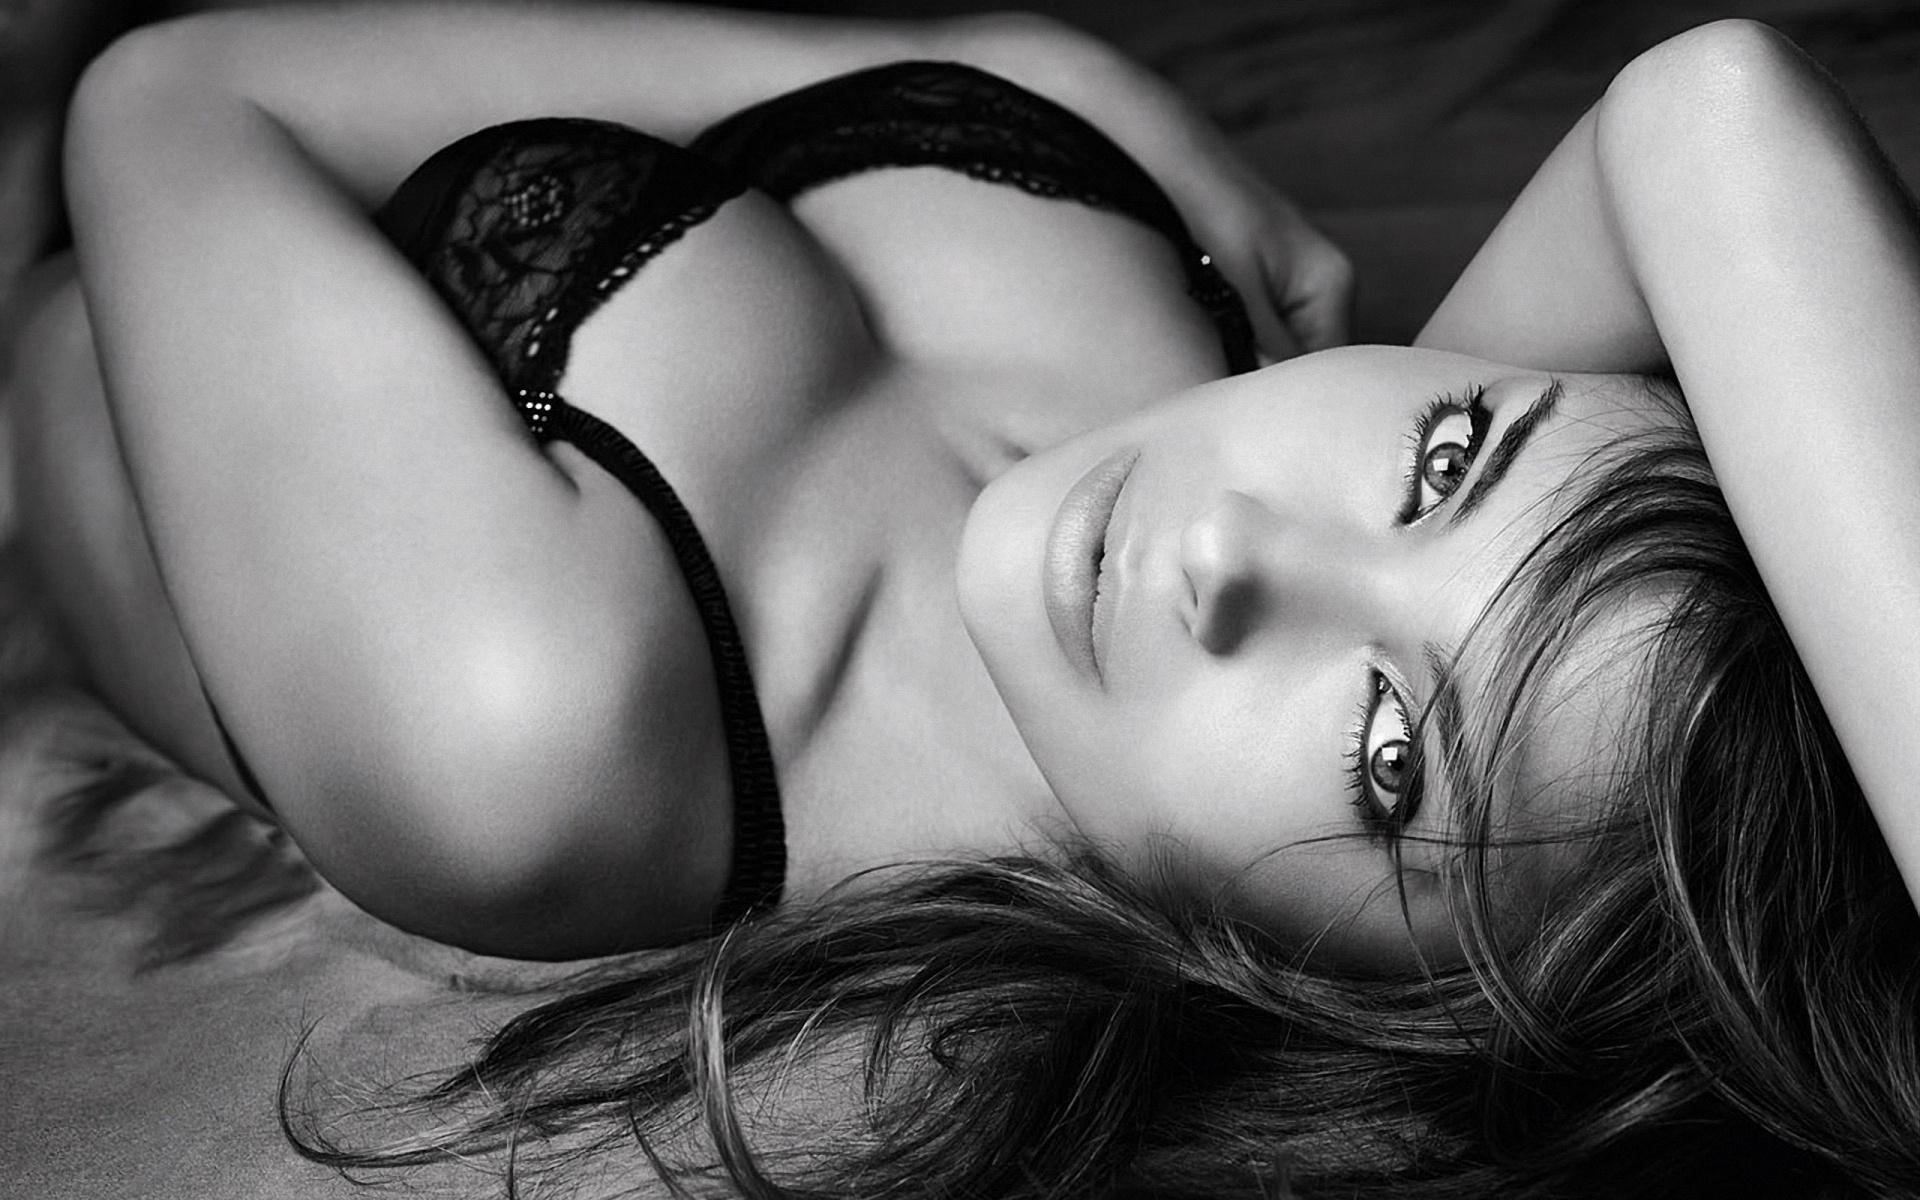 Фото красивых девушек в чёрном нижнем белье 19 фотография